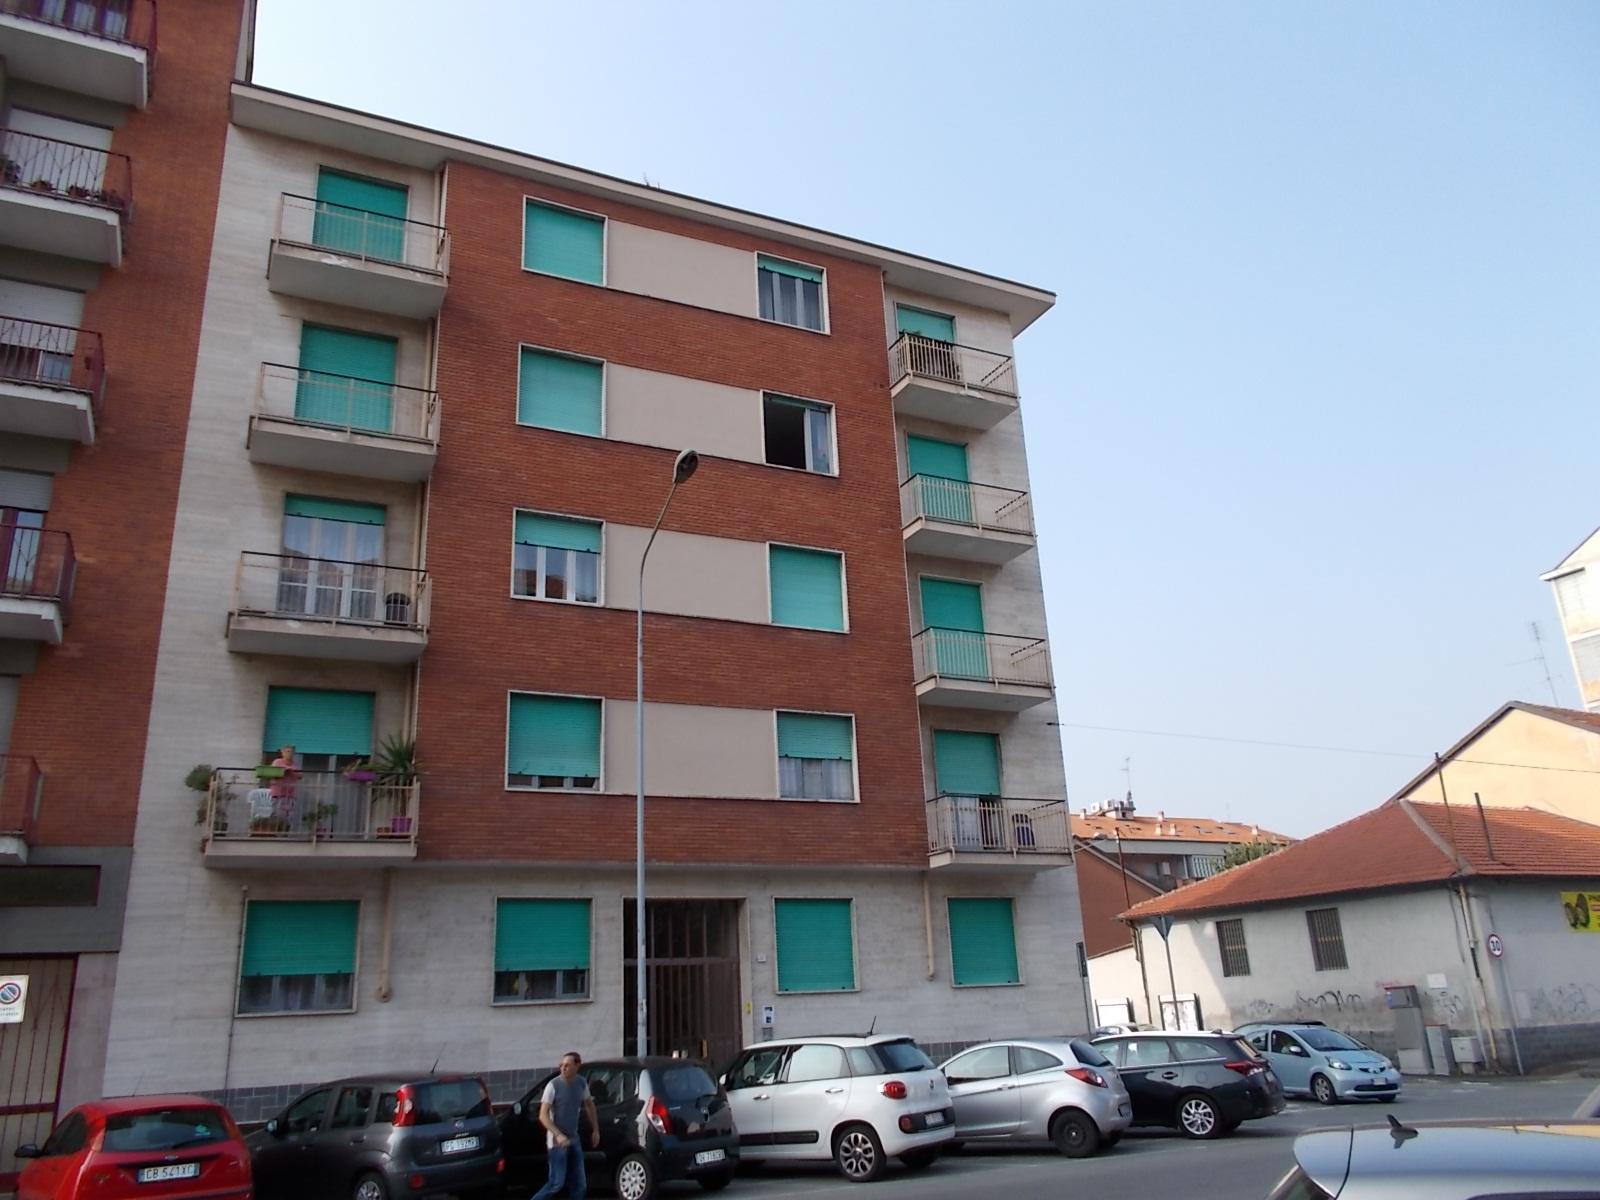 Affitto appartamento moncalieri bertolino immobiliare for Affitto moncalieri privato arredato